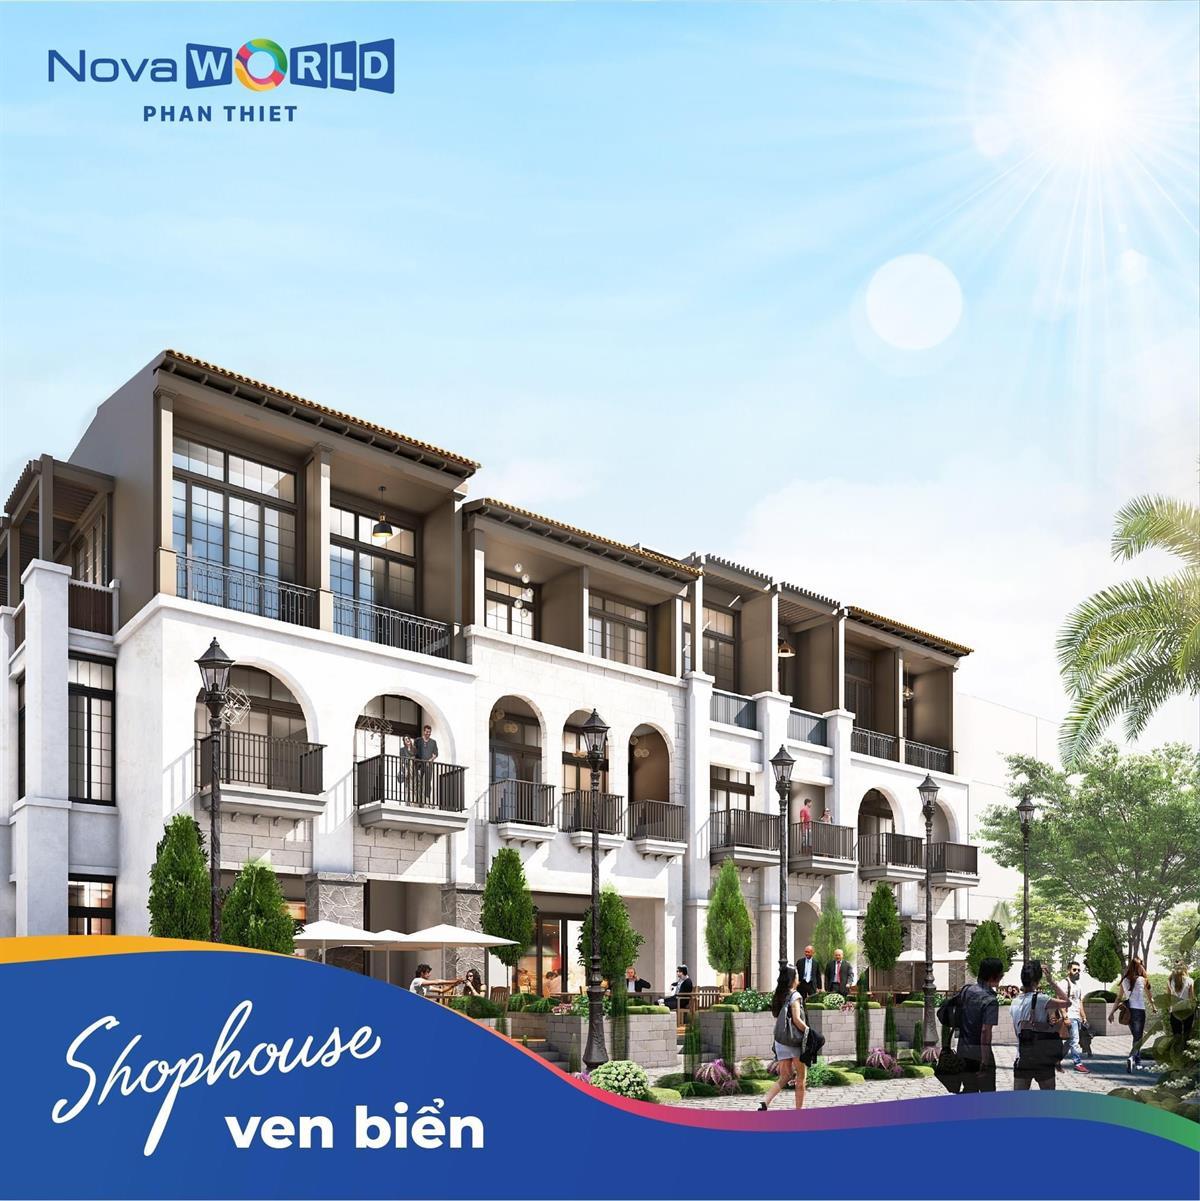 Mẫu Shophouse 2 NovaWorld Phan Thiết mặt tiền Lạc Long Quân